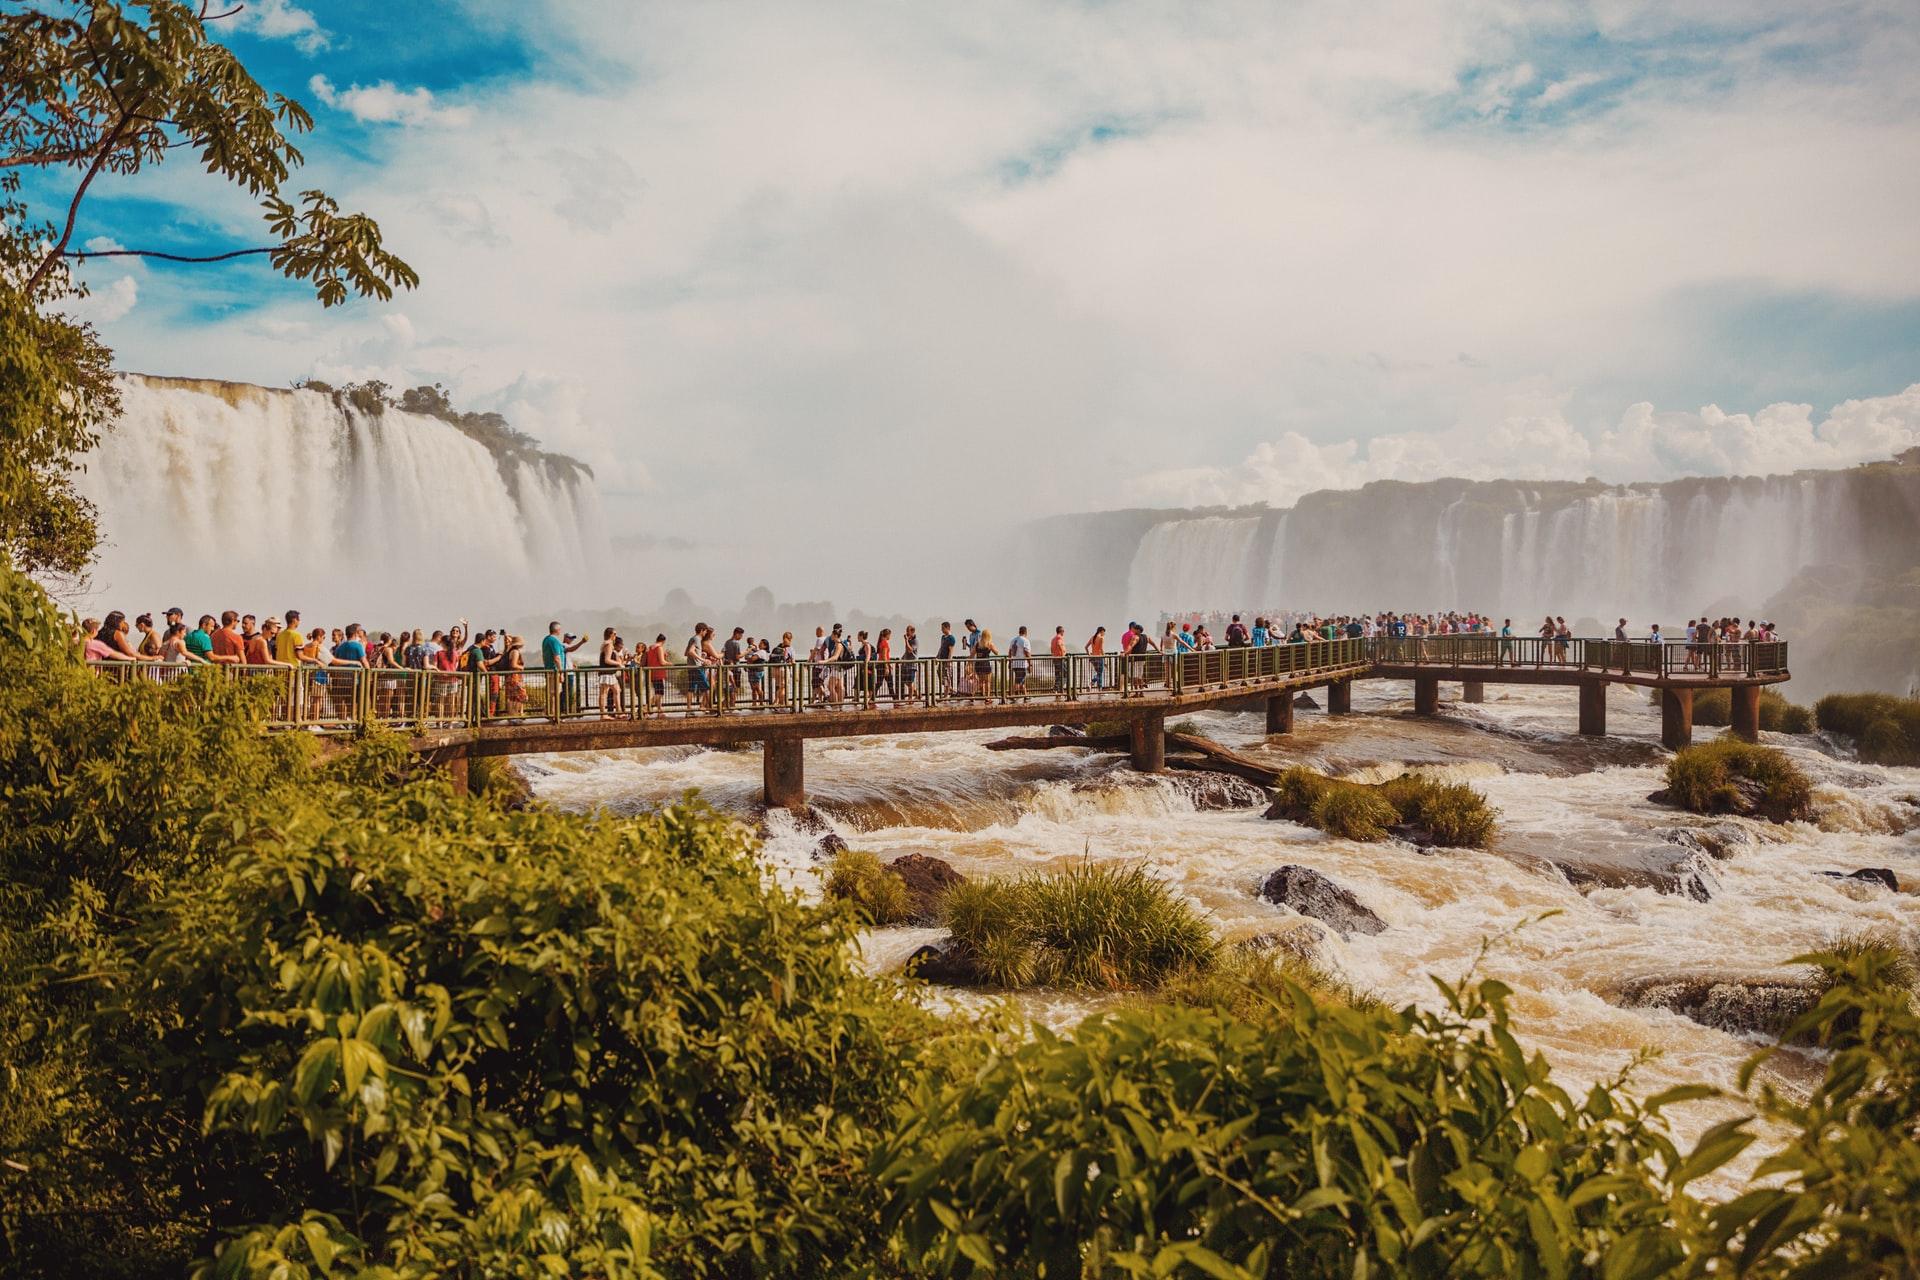 Passarela com turistas em um dos mirantes das cataratas do Iguaçu em Foz do Iguaçu